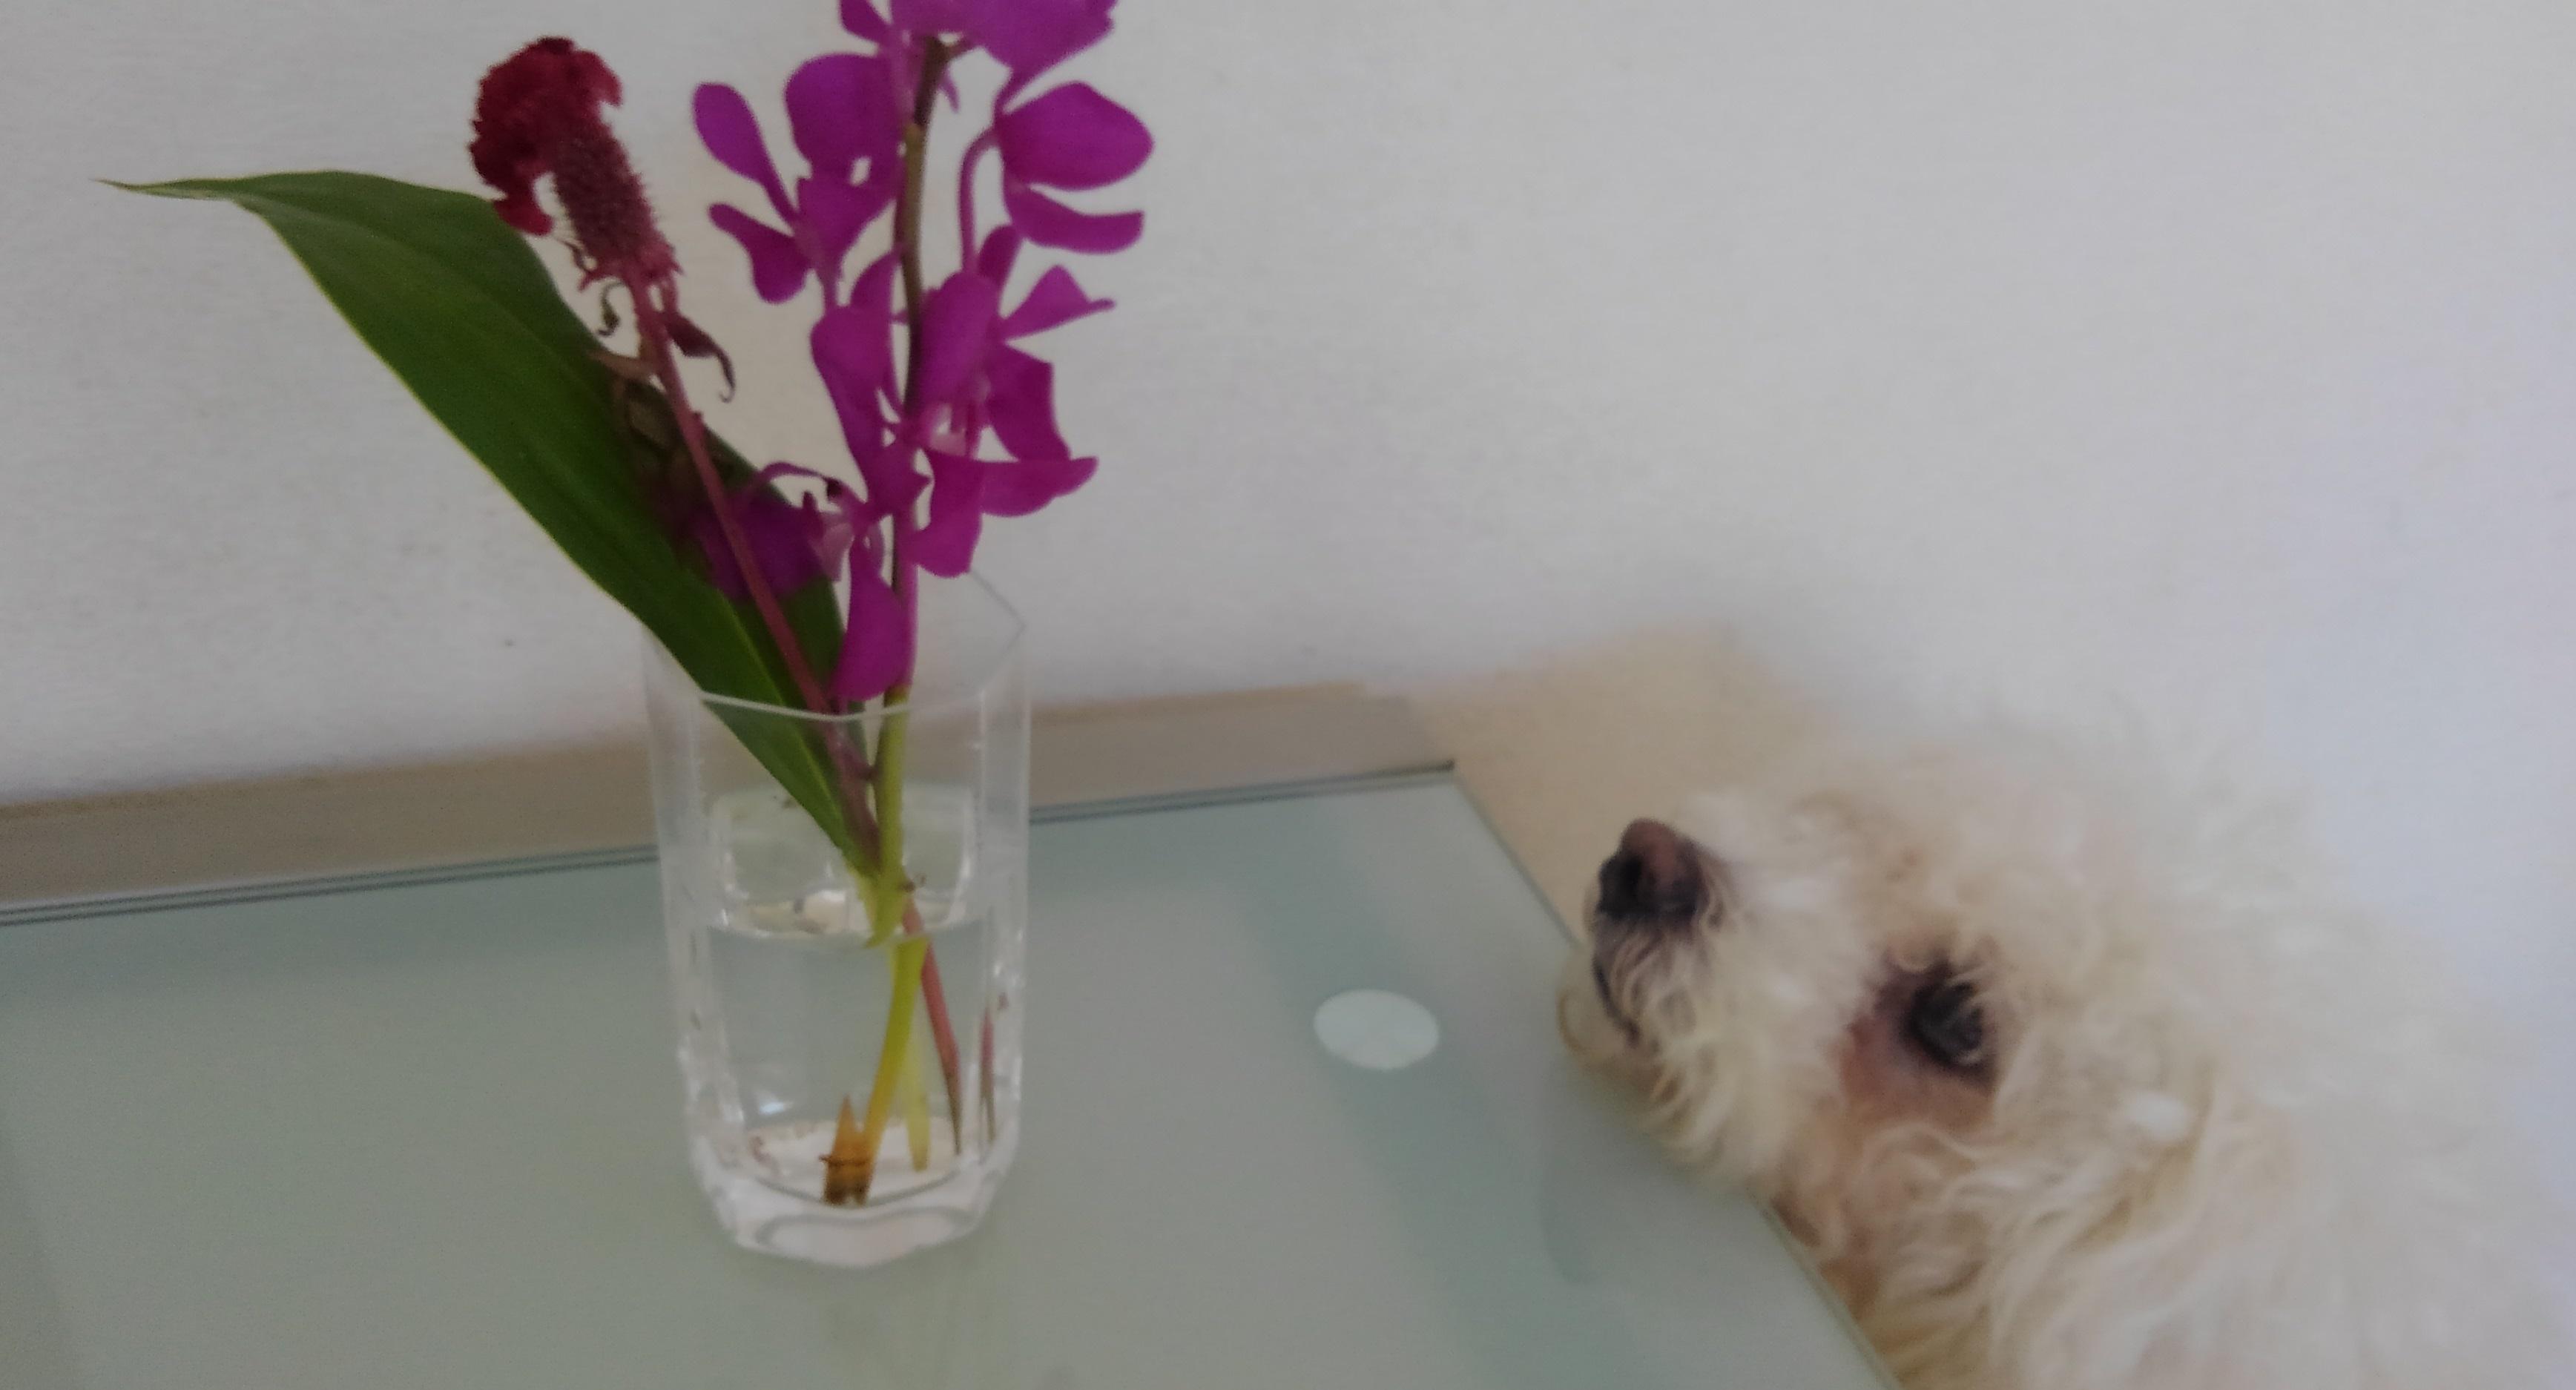 体験プランのお花を飾ってみた様子